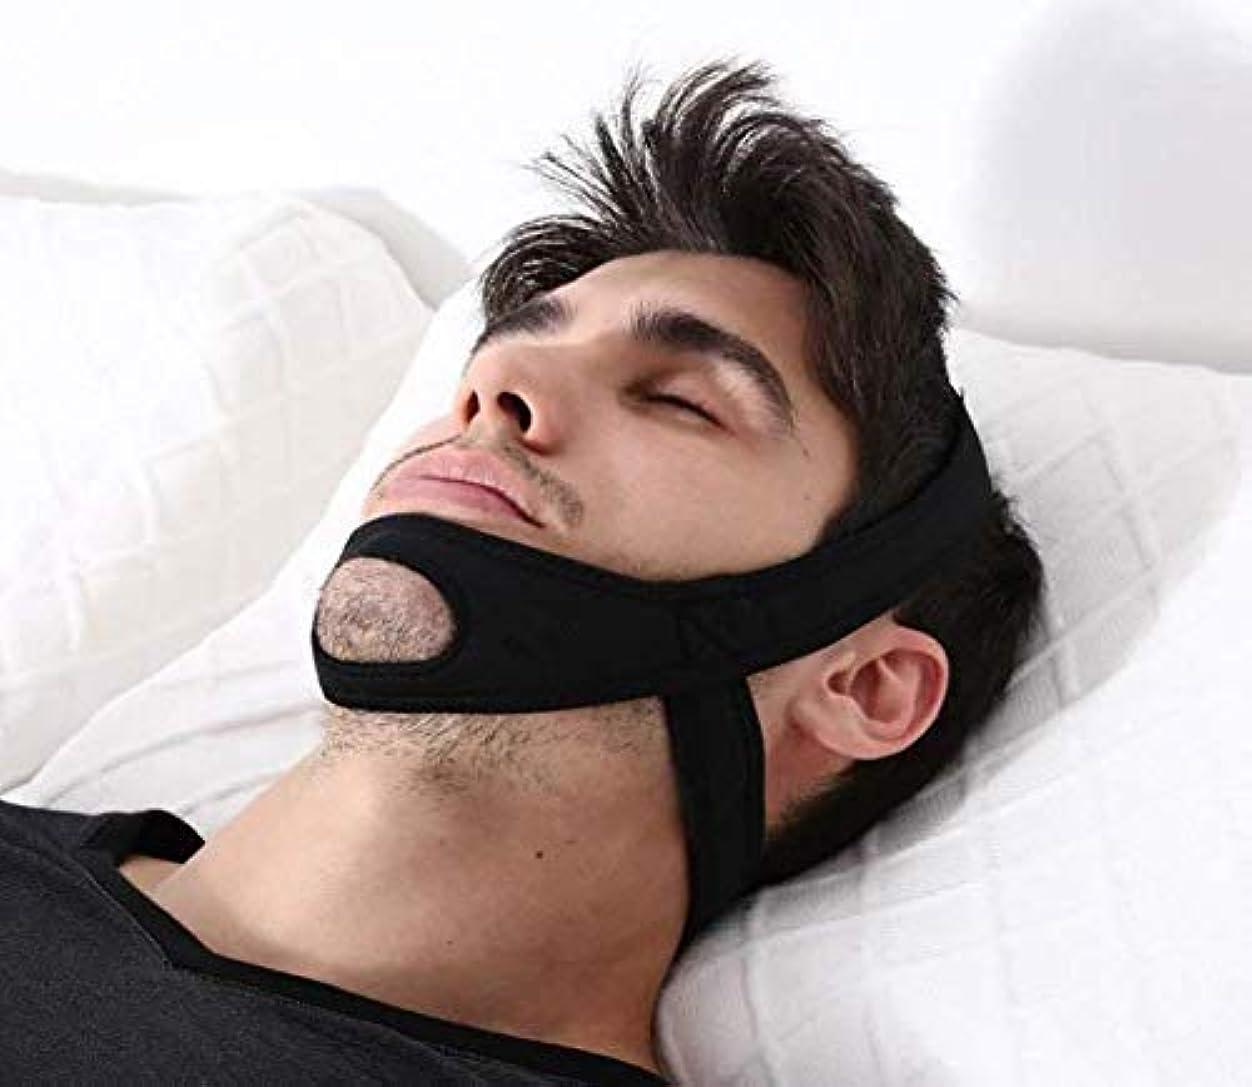 レンズローマ人抹消SEALEN いびき防止グッズ 顎固定サポーター 口呼吸防止ストラップ ねむるん 快適 調節可能 顎いびきを止めるストラップ 男女兼用